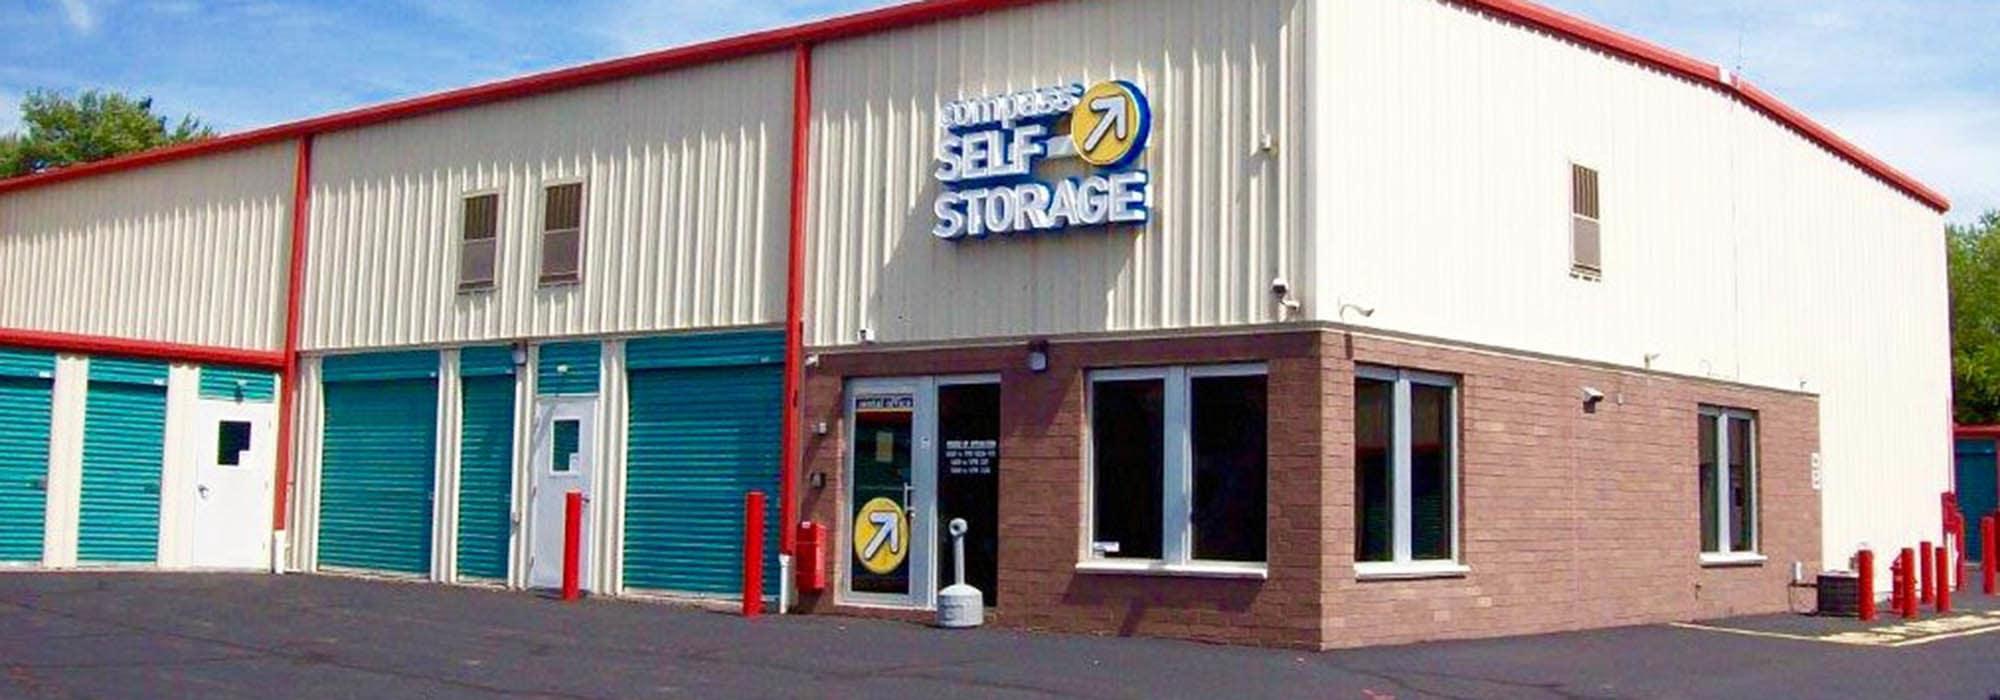 Self Storage In Manville NJ